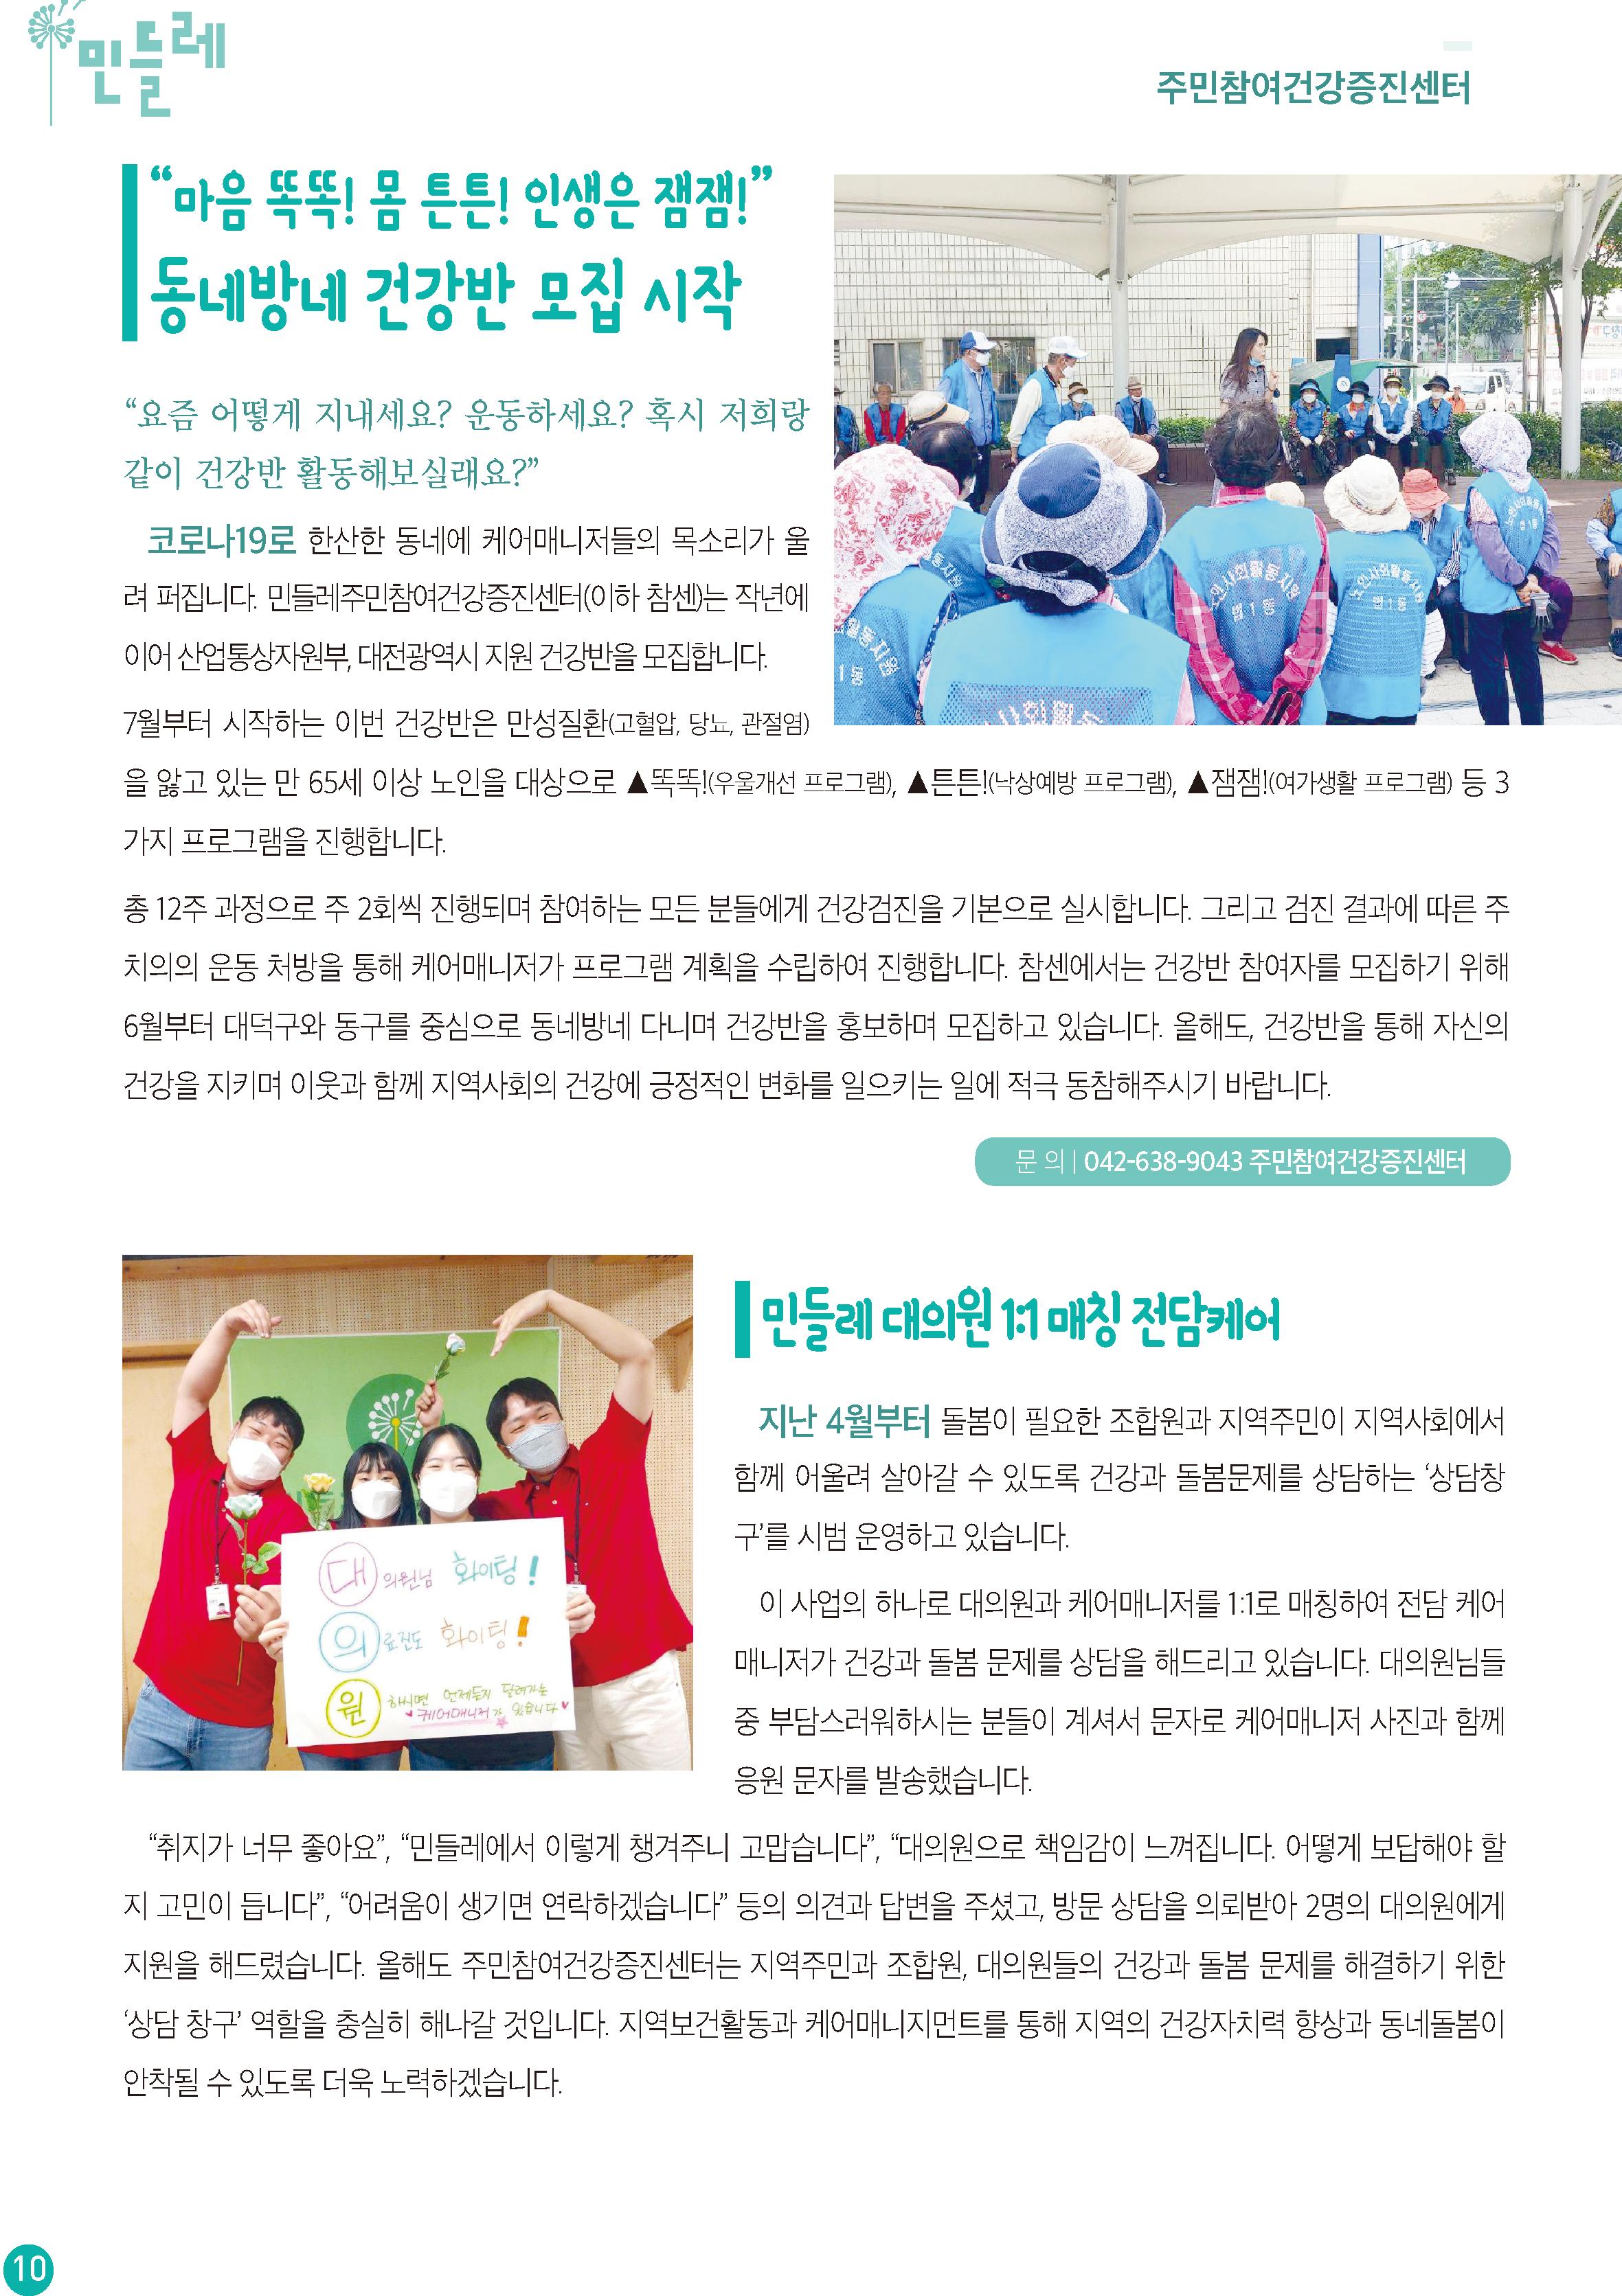 민들레 소식지8월호 시안(최종)-10.png